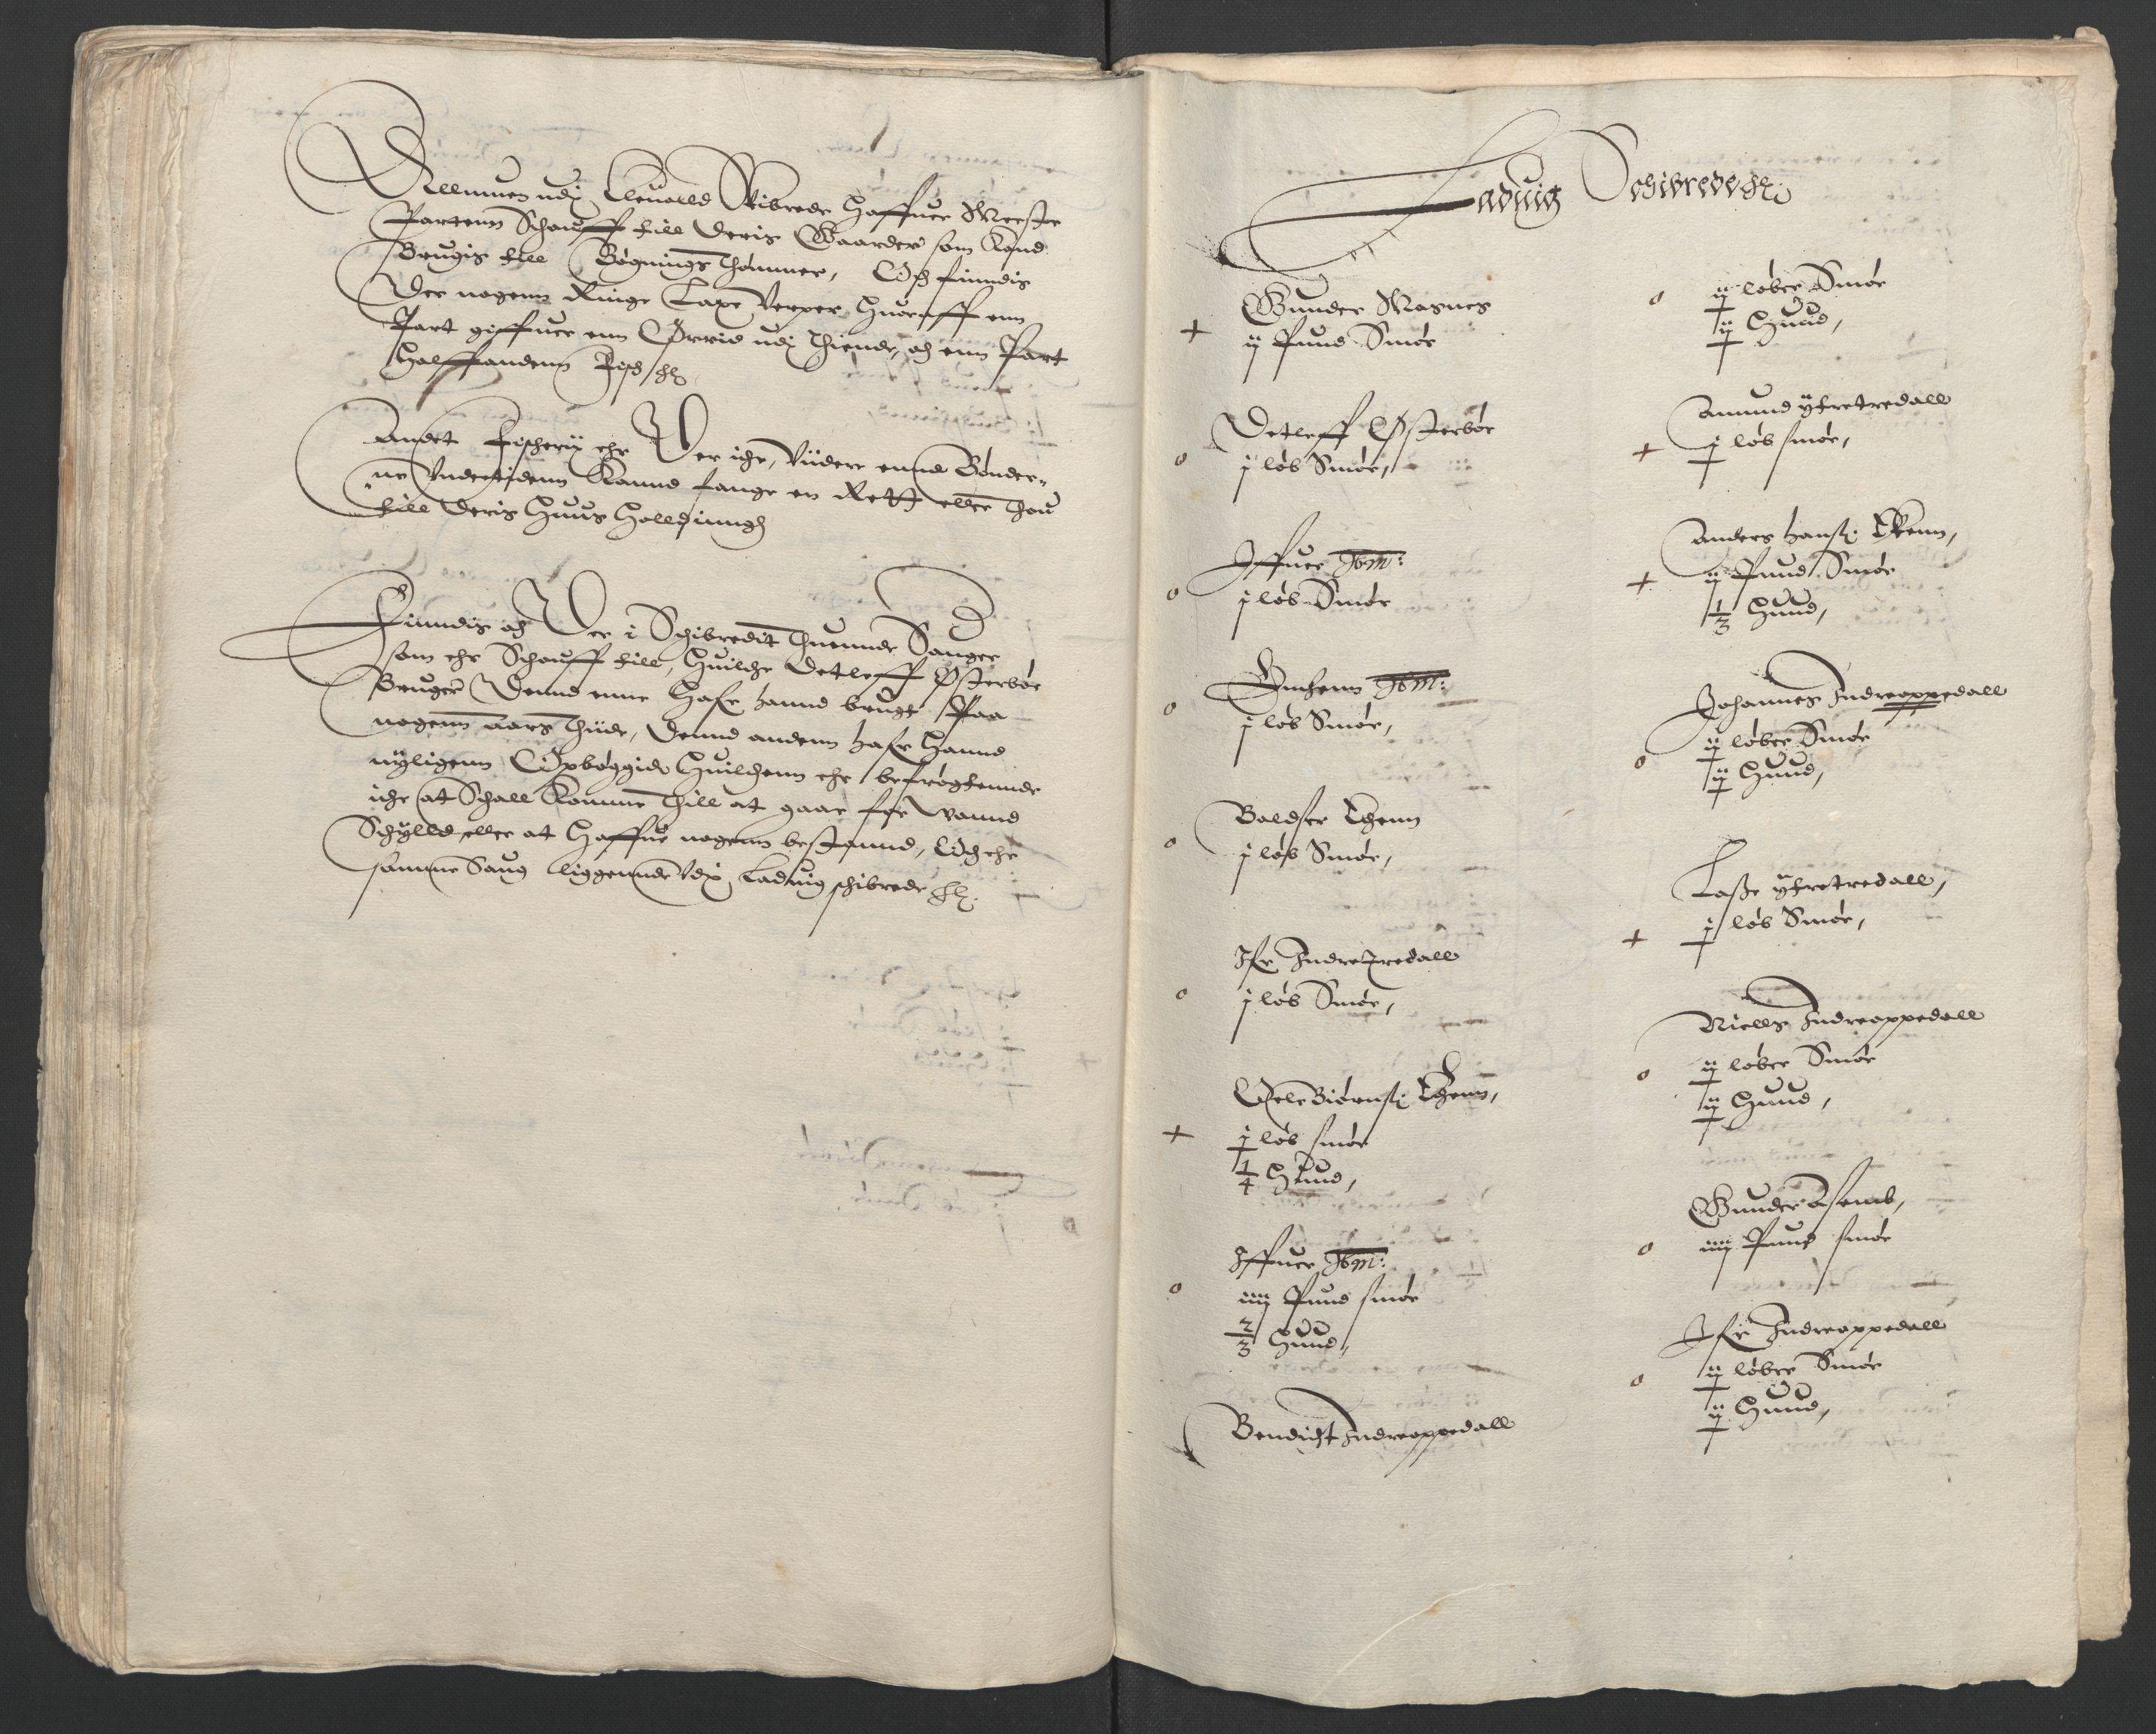 RA, Stattholderembetet 1572-1771, Ek/L0004: Jordebøker til utlikning av garnisonsskatt 1624-1626:, 1626, s. 218